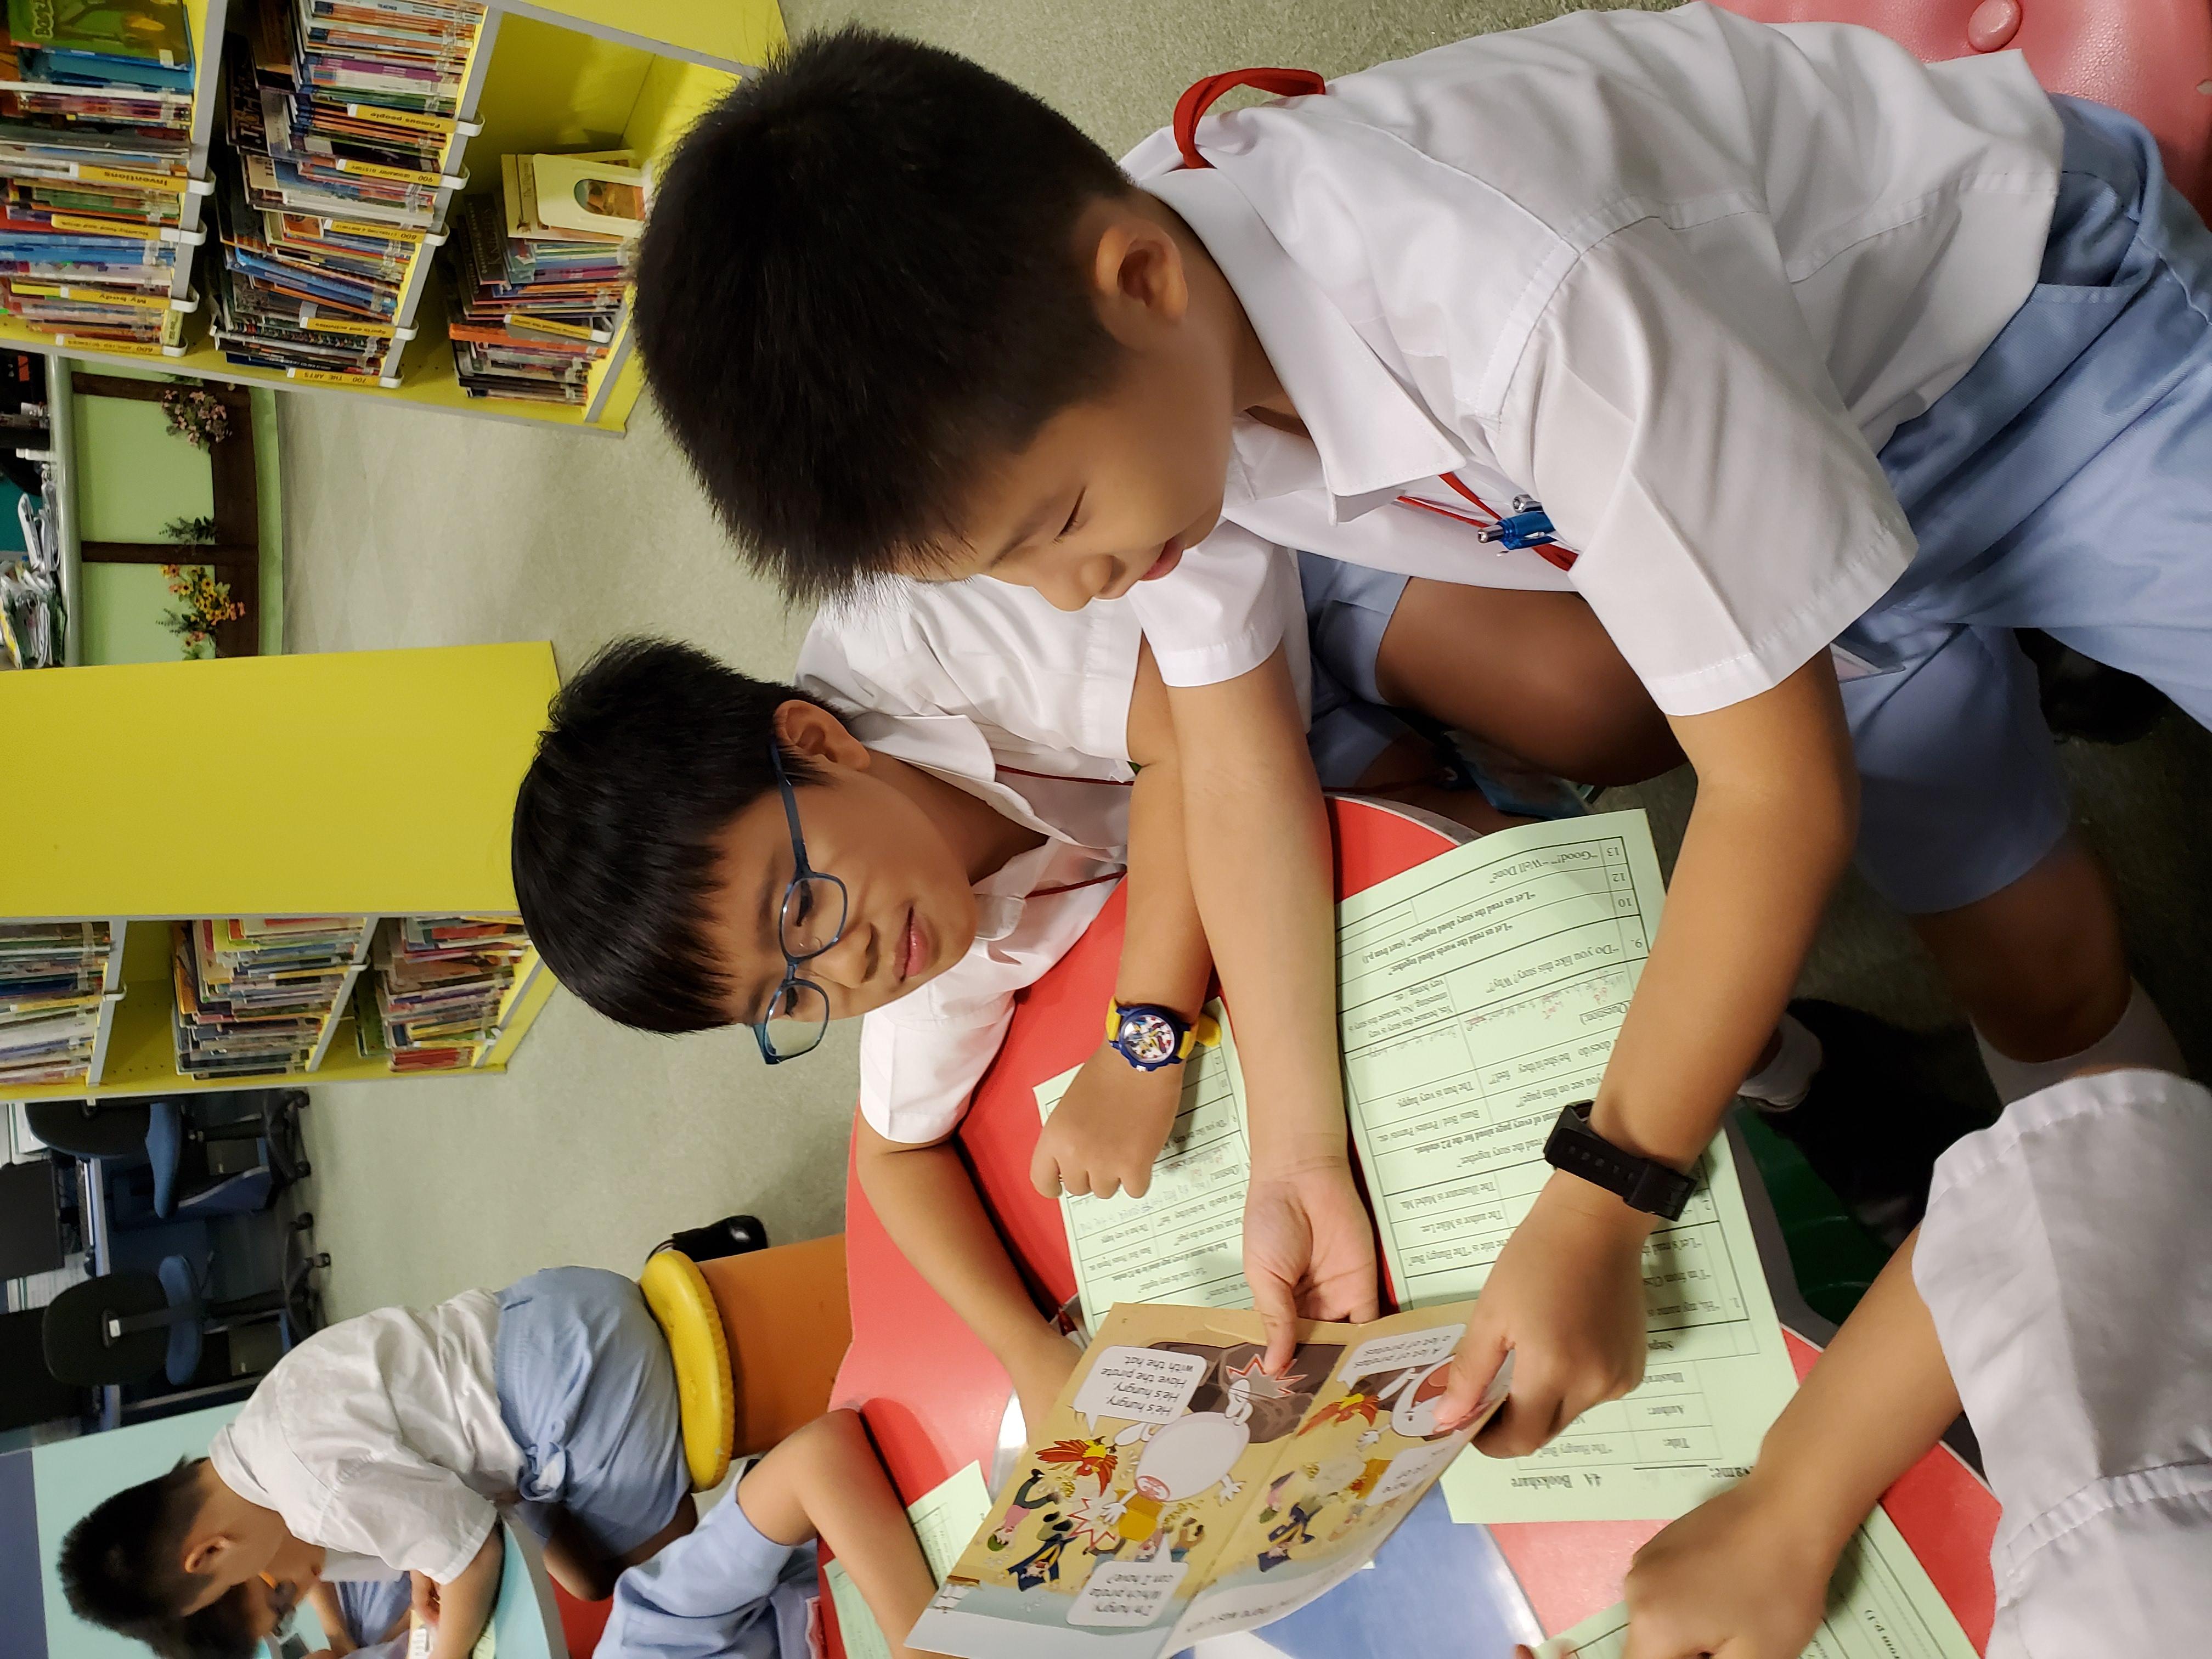 http://www.keiwan.edu.hk/sites/default/files/20191011_100725.jpg